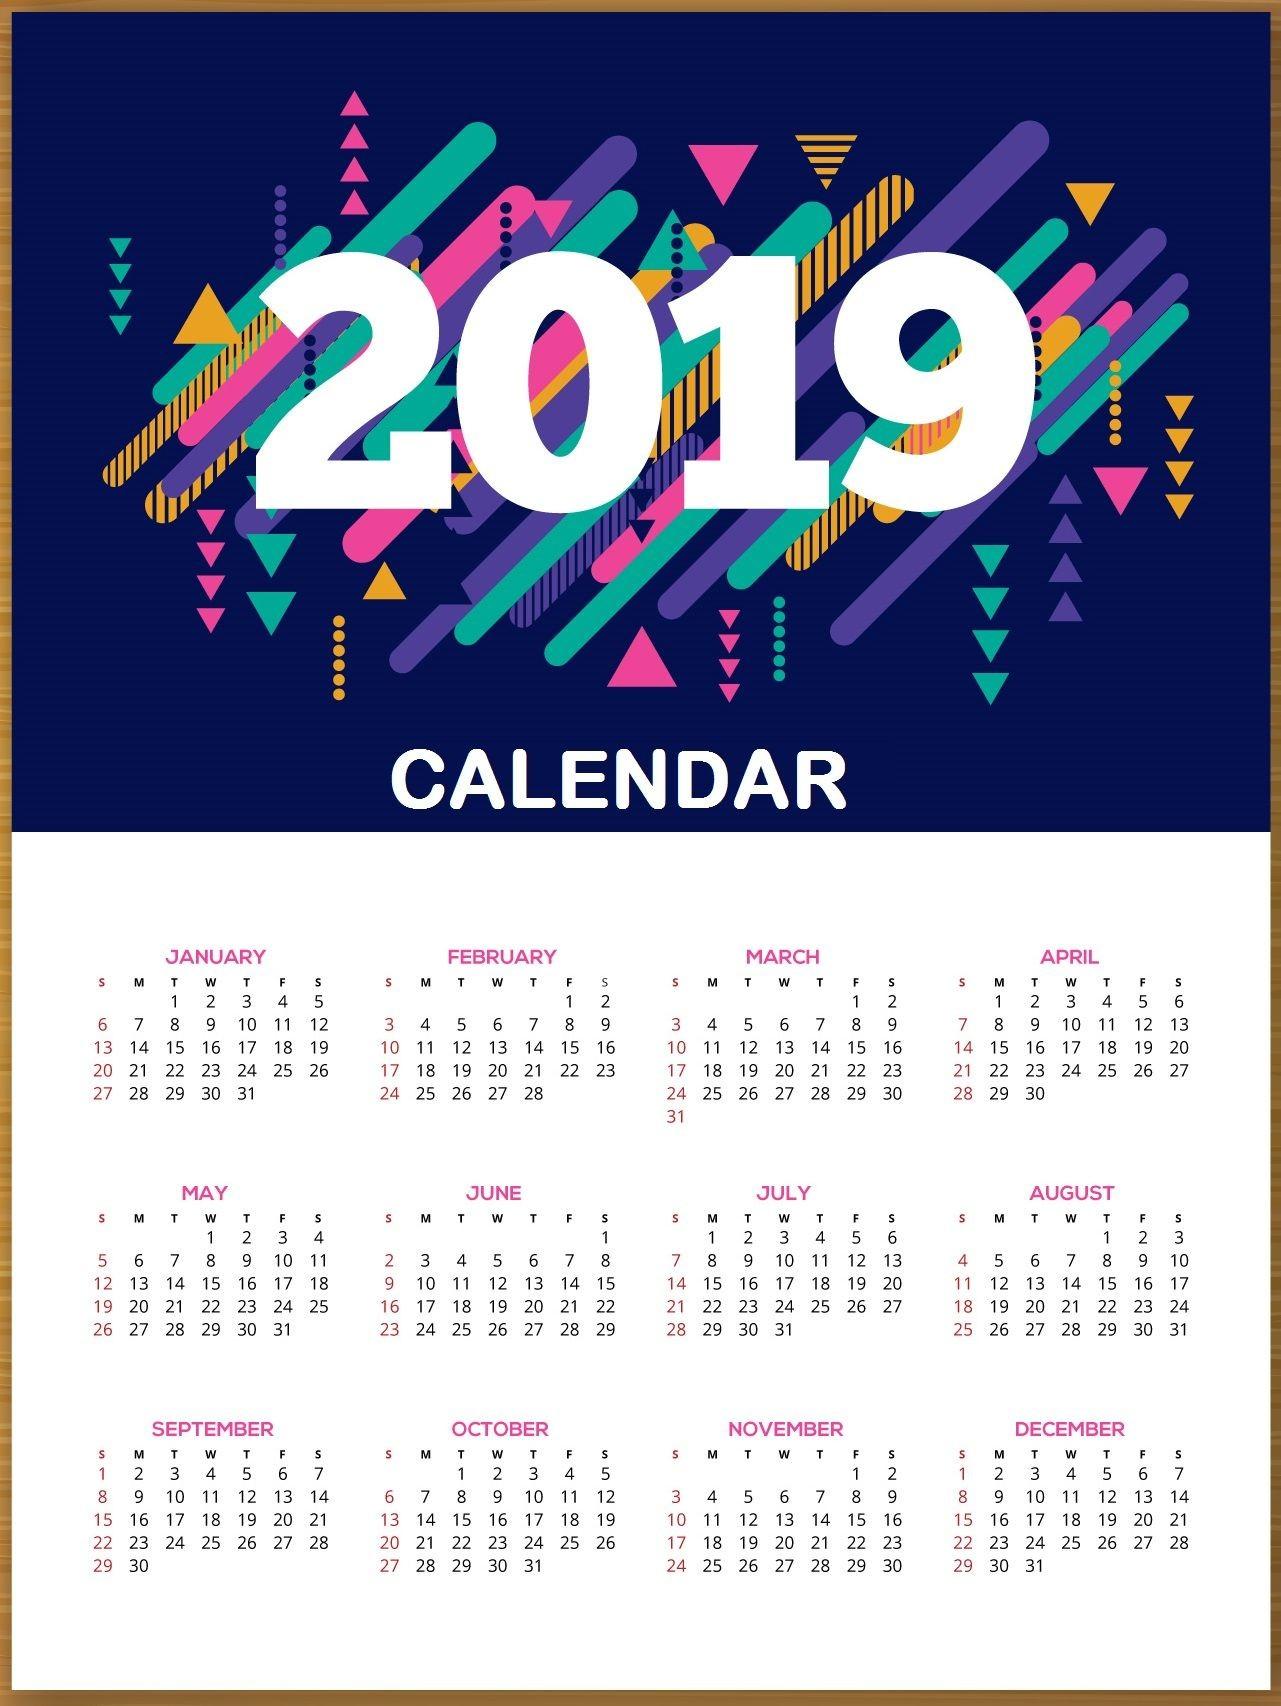 Calendario 2019 Para Imprimir Word Más Populares 2019 Hd Calendar Printable 2019calendar Printablecalendar Of Calendario 2019 Para Imprimir Word Más Reciente Template Archives Page 210 Of 262 Wheel Of Concept